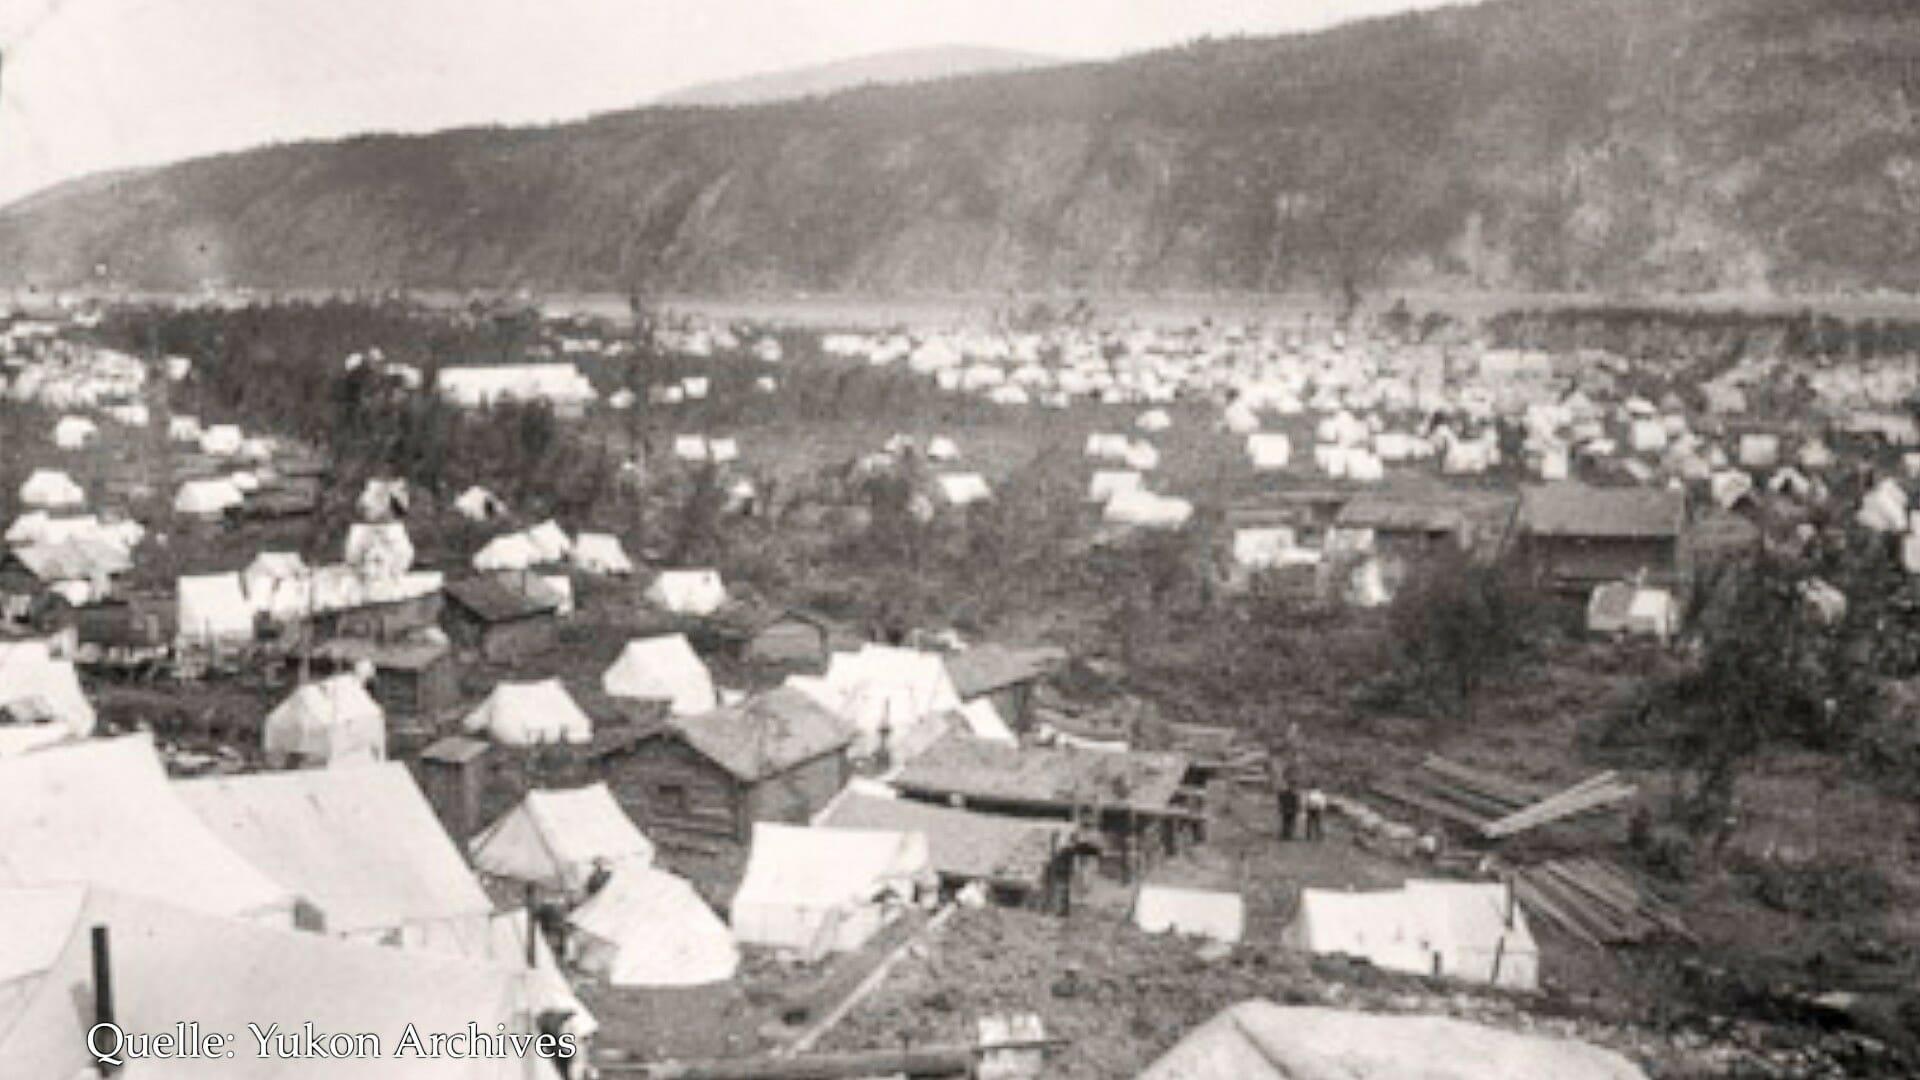 Als Jack London 1887 in Dawson war, bestand die Stadt fast nur aus Zelten.